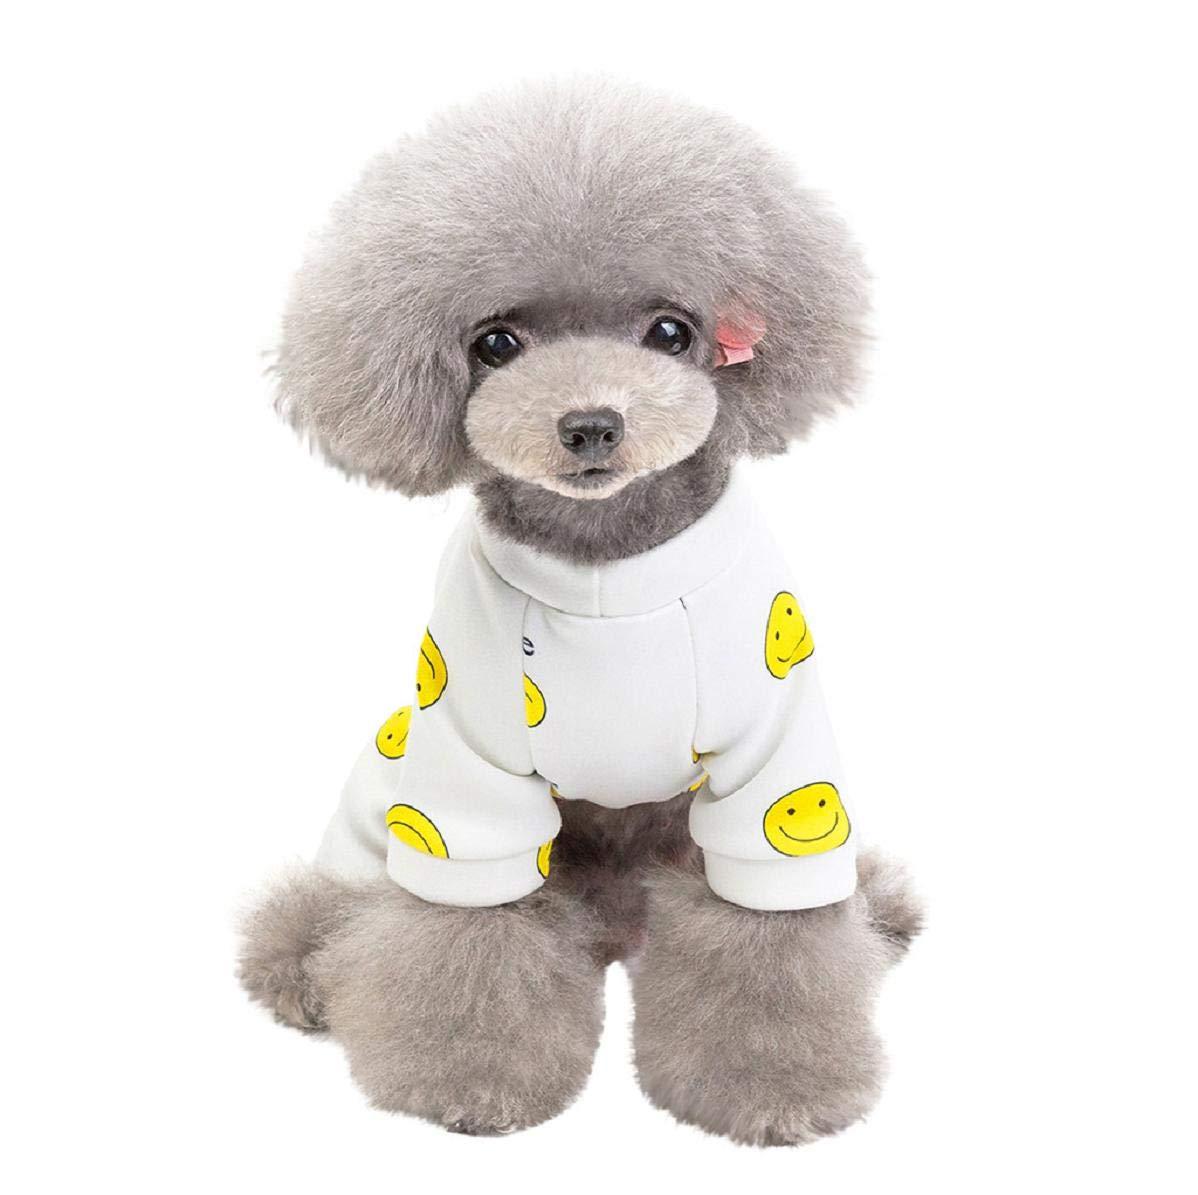 Koojawind Disfraz De Mascota Perro Disfraz De Gato Mono De Perro Traje De Mascota Pijama Ropa Disfraz Ropa Invierno Sudadera con Capucha Abrigo para Perros Y Gatos